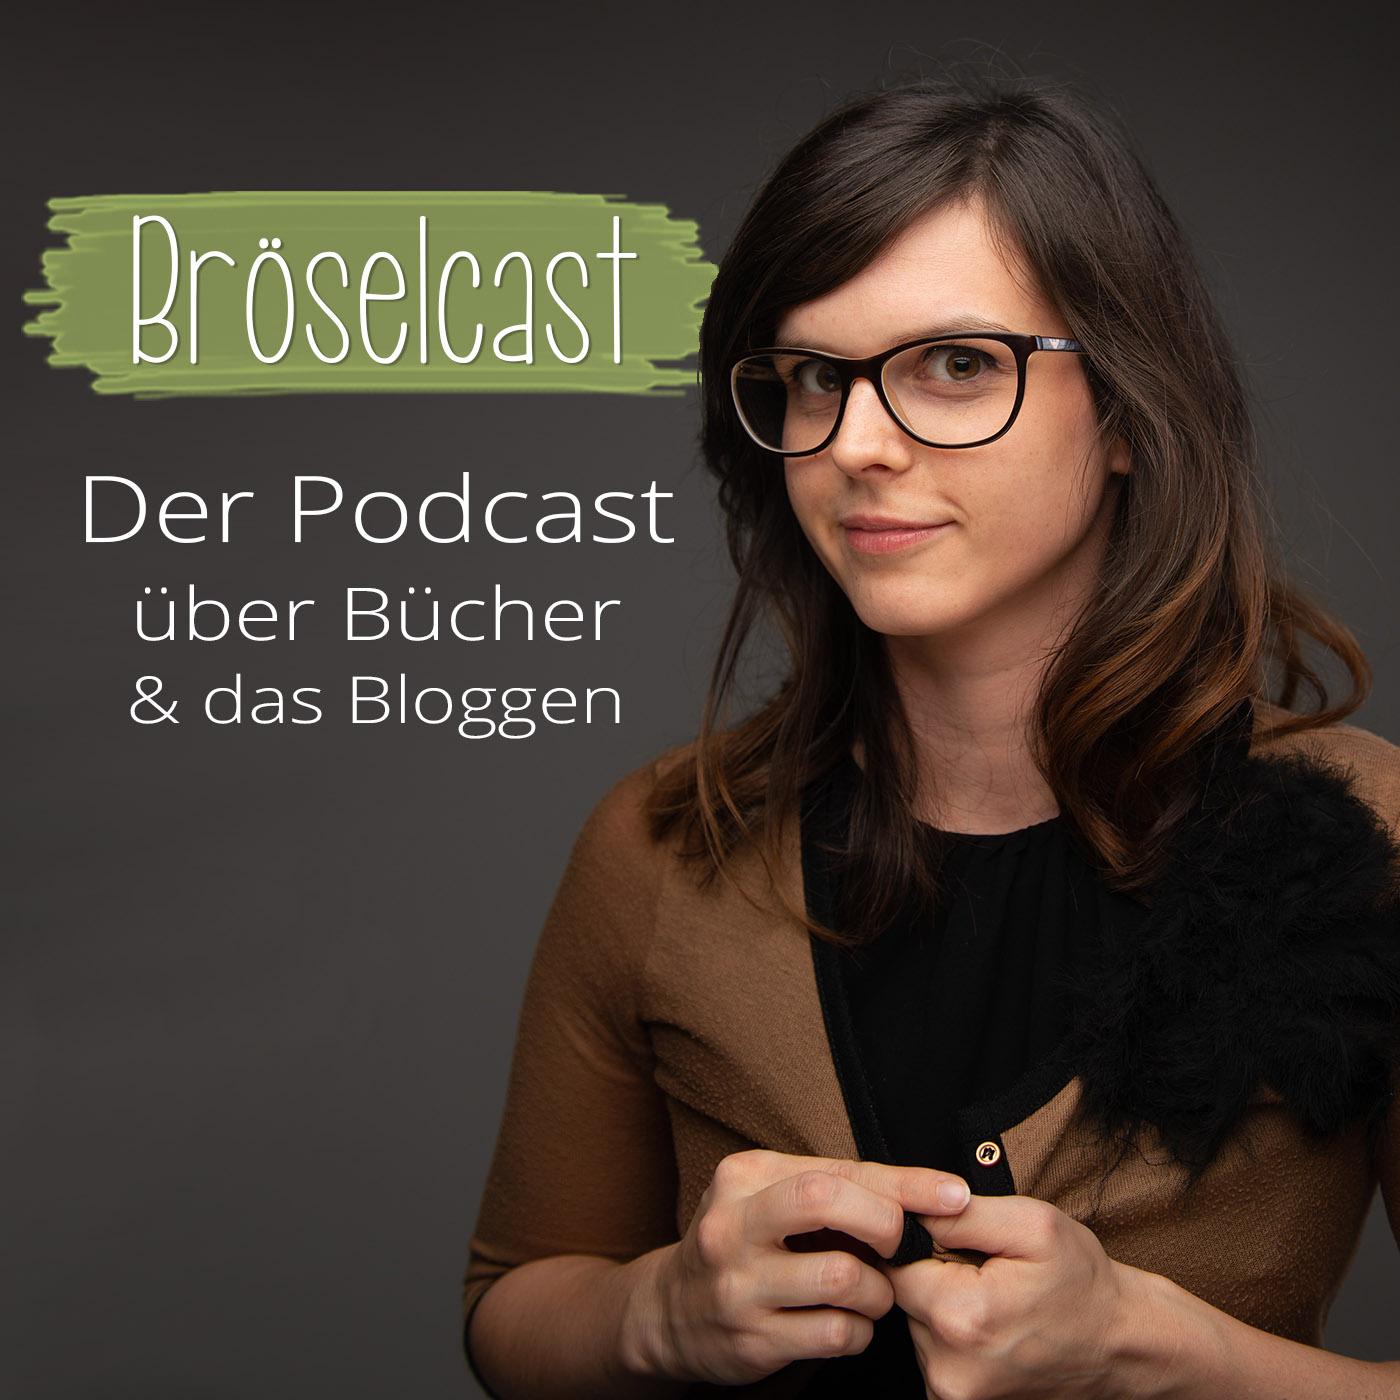 Bröselcast   Fränkischer Podcast über Bücher & das Bloggen